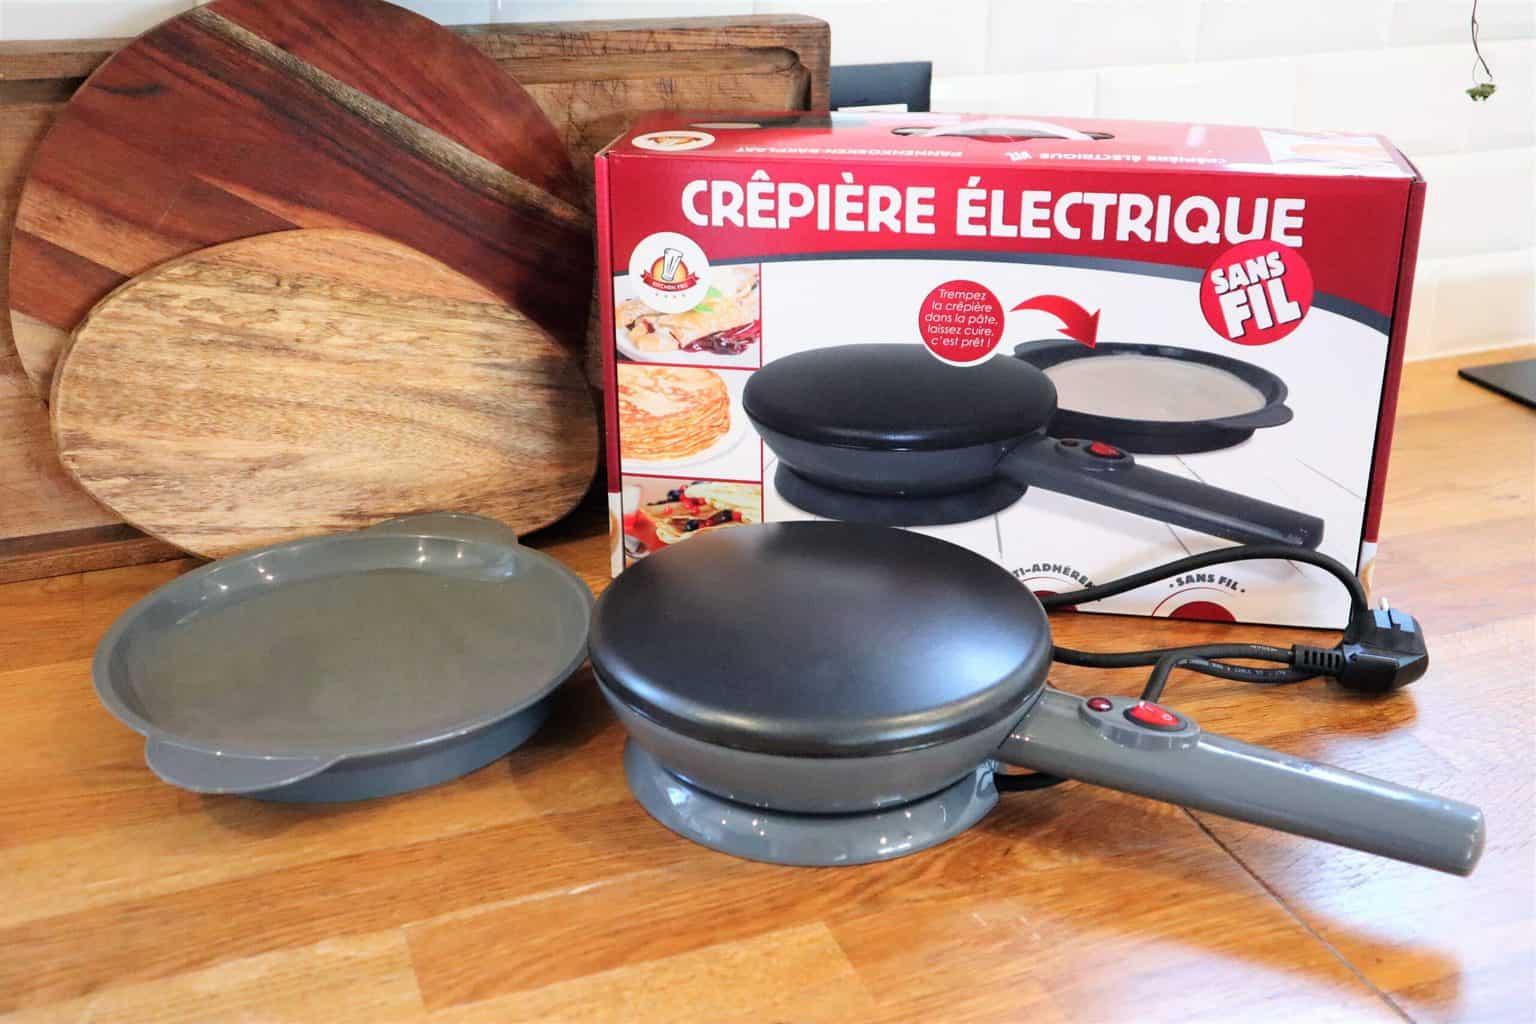 Kitchen Pro - Crêpière électrique sans Fil